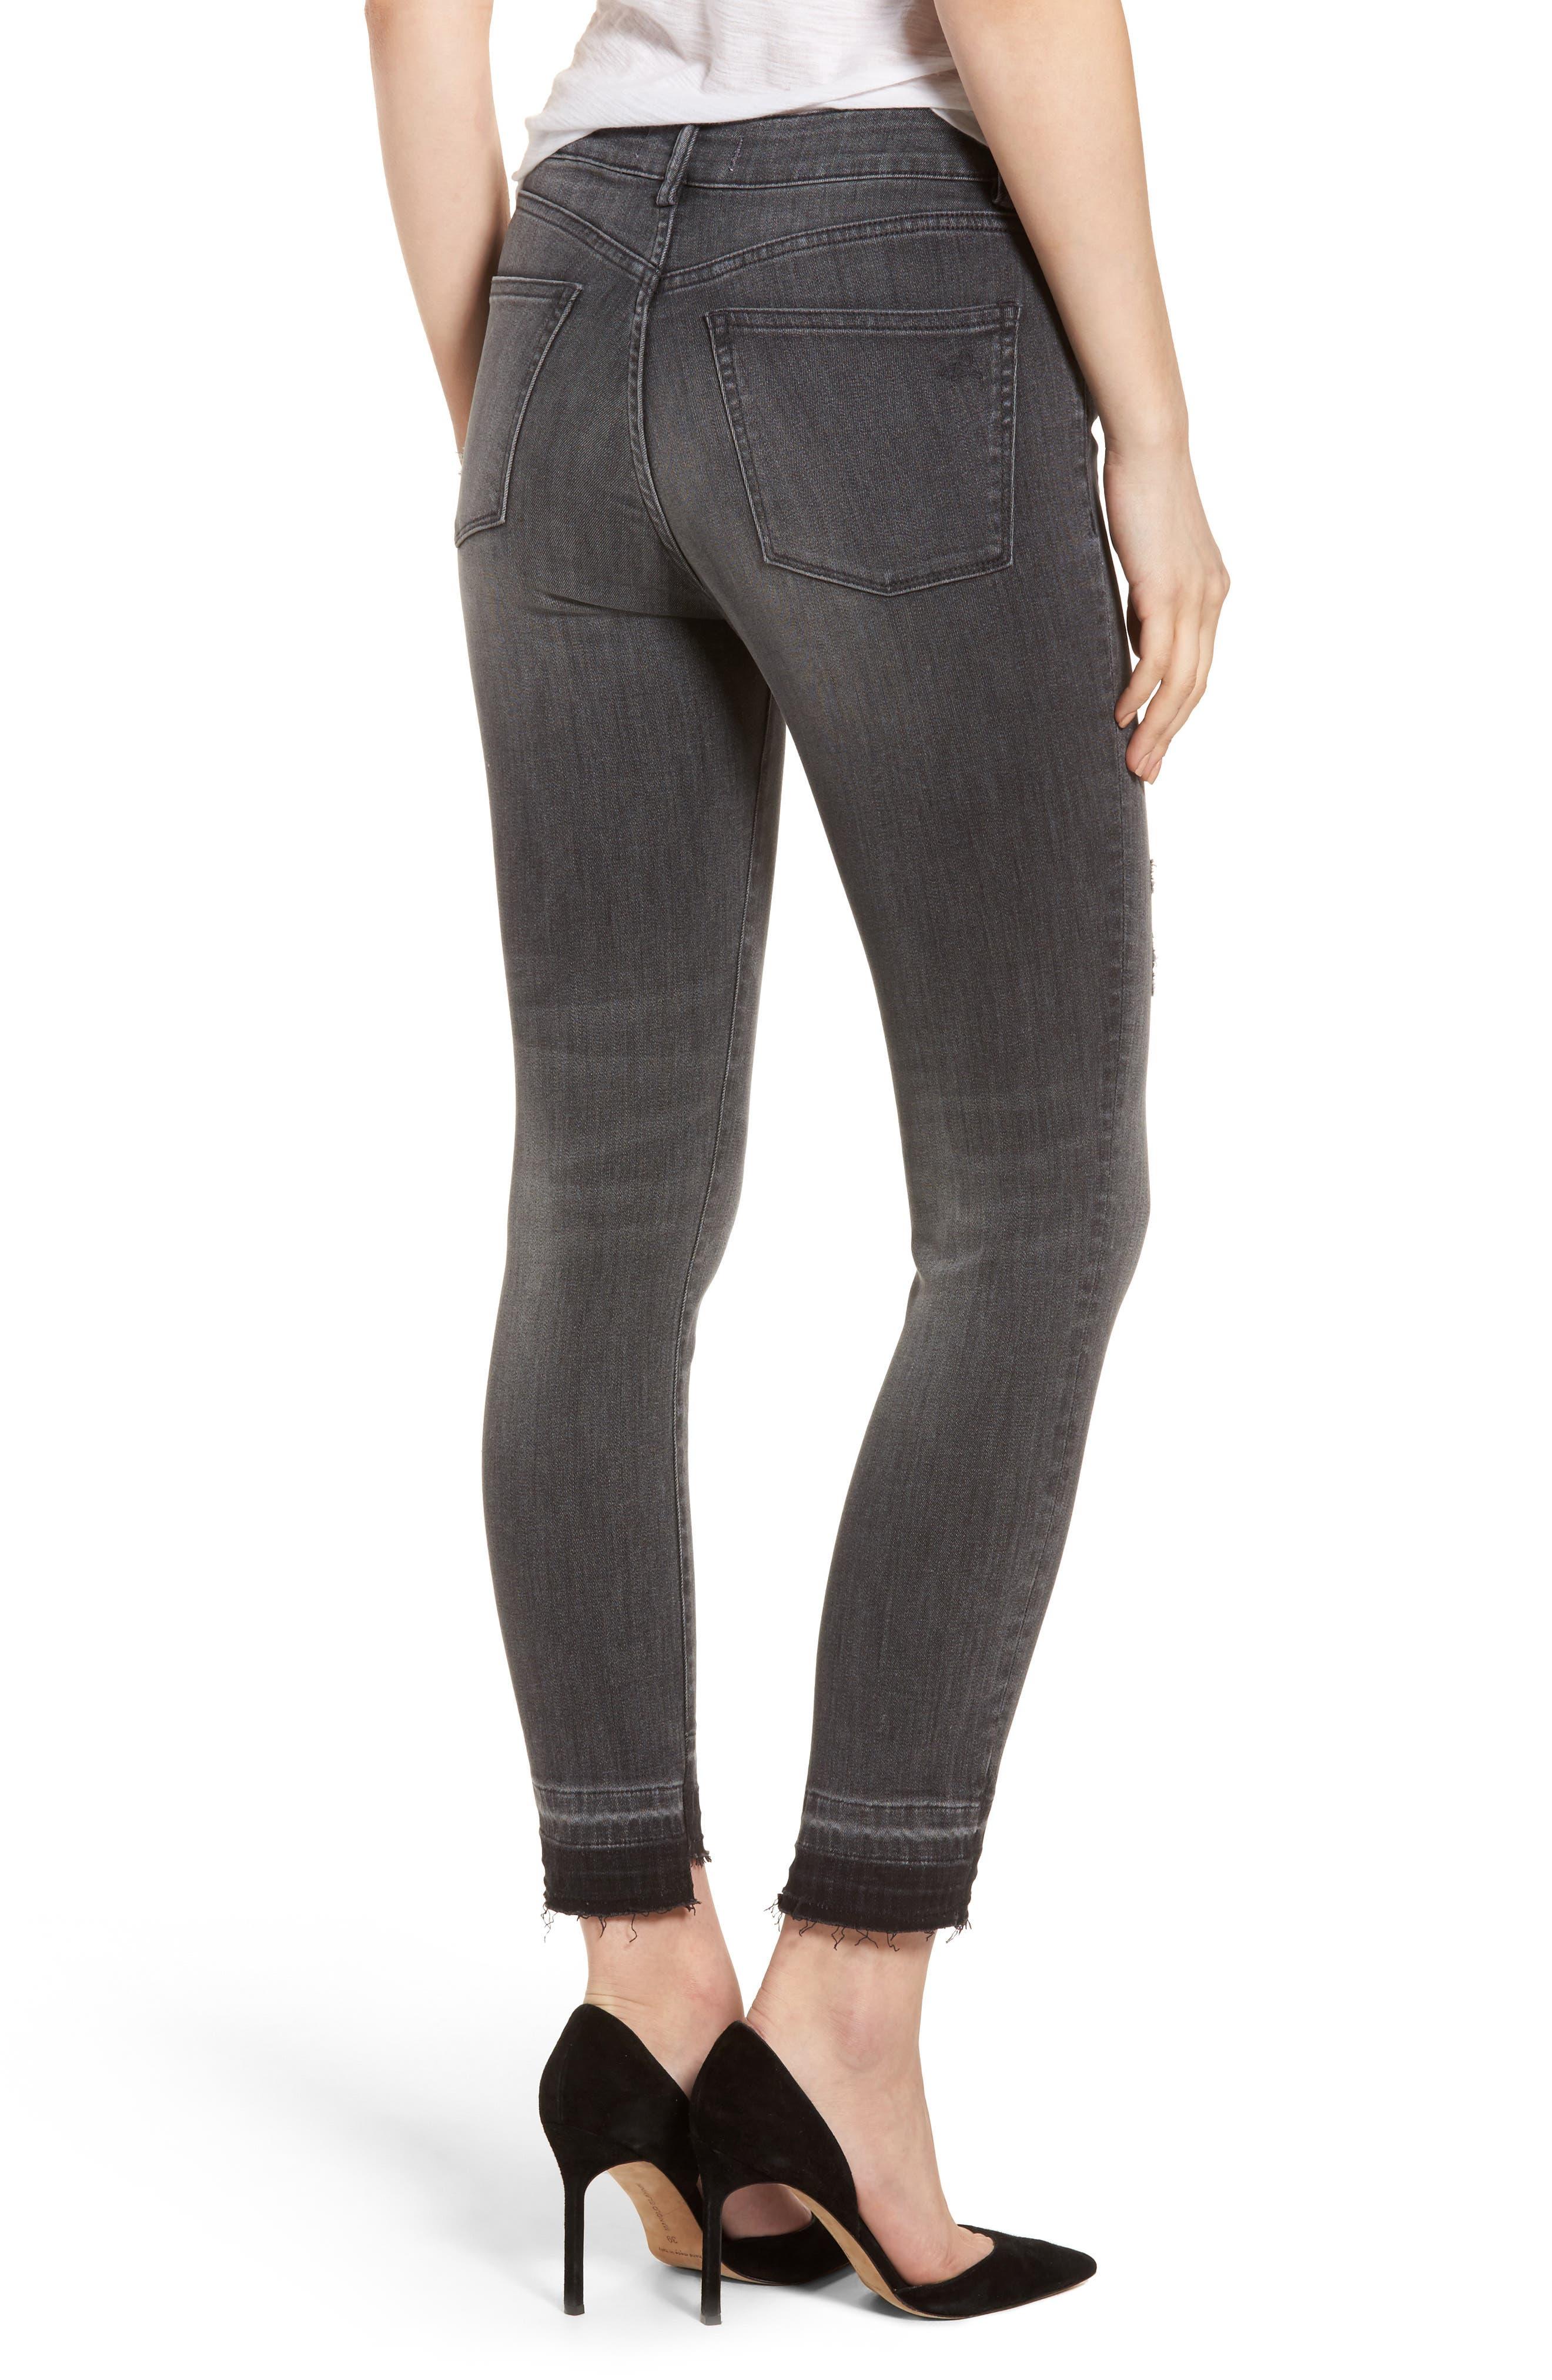 Alternate Image 2  - DL1961 Farrow High Waist Instaslim Skinny Jeans (Whitney)